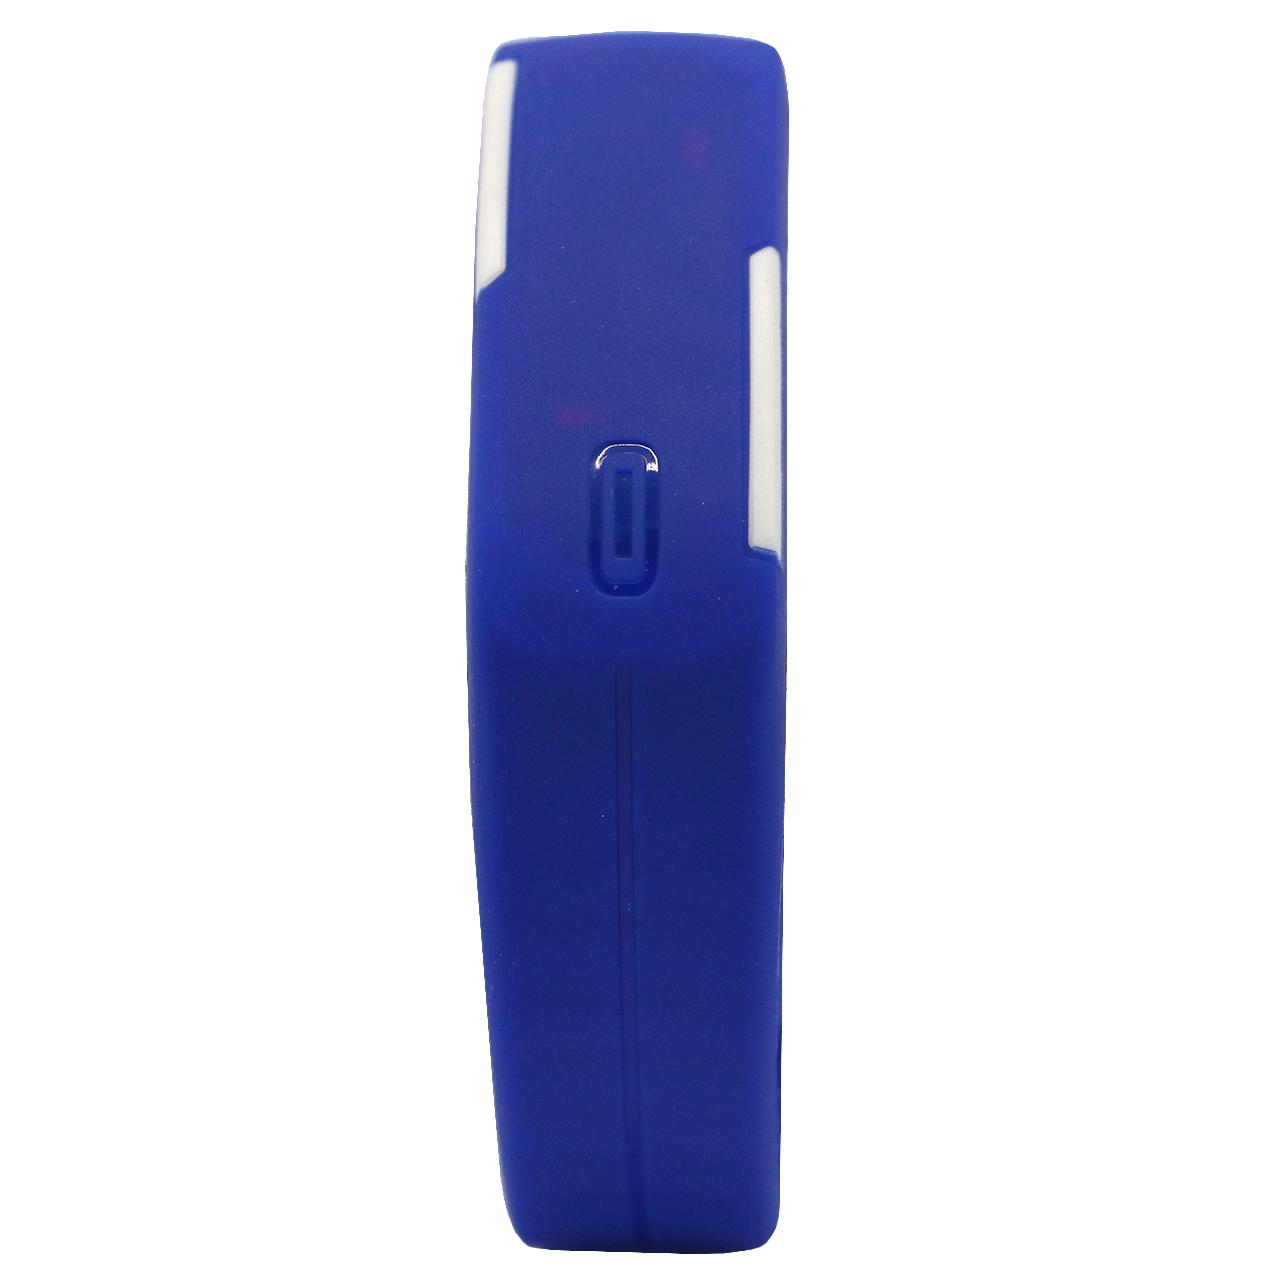 ساعت مچی دیجیتالی مدل Blue Neon